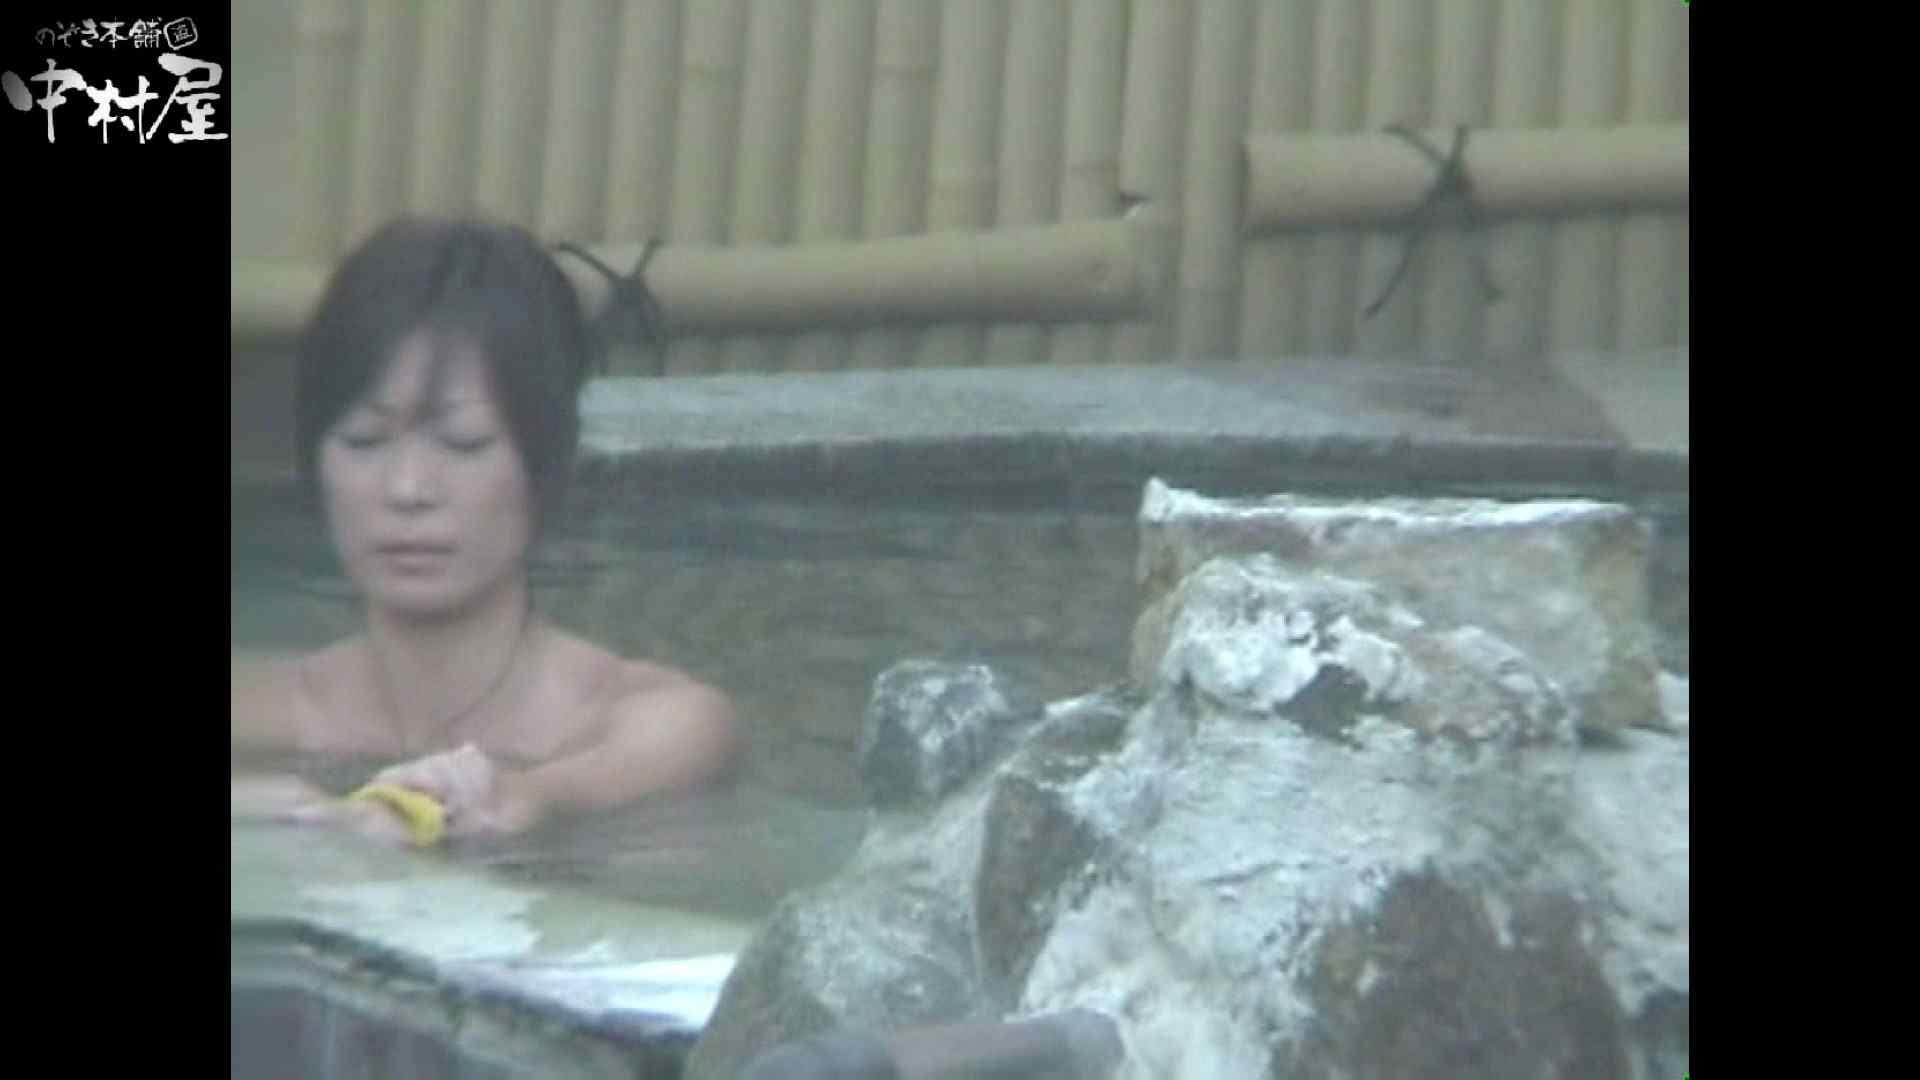 Aquaな露天風呂Vol.972 OLのエロ生活   盗撮  105連発 64